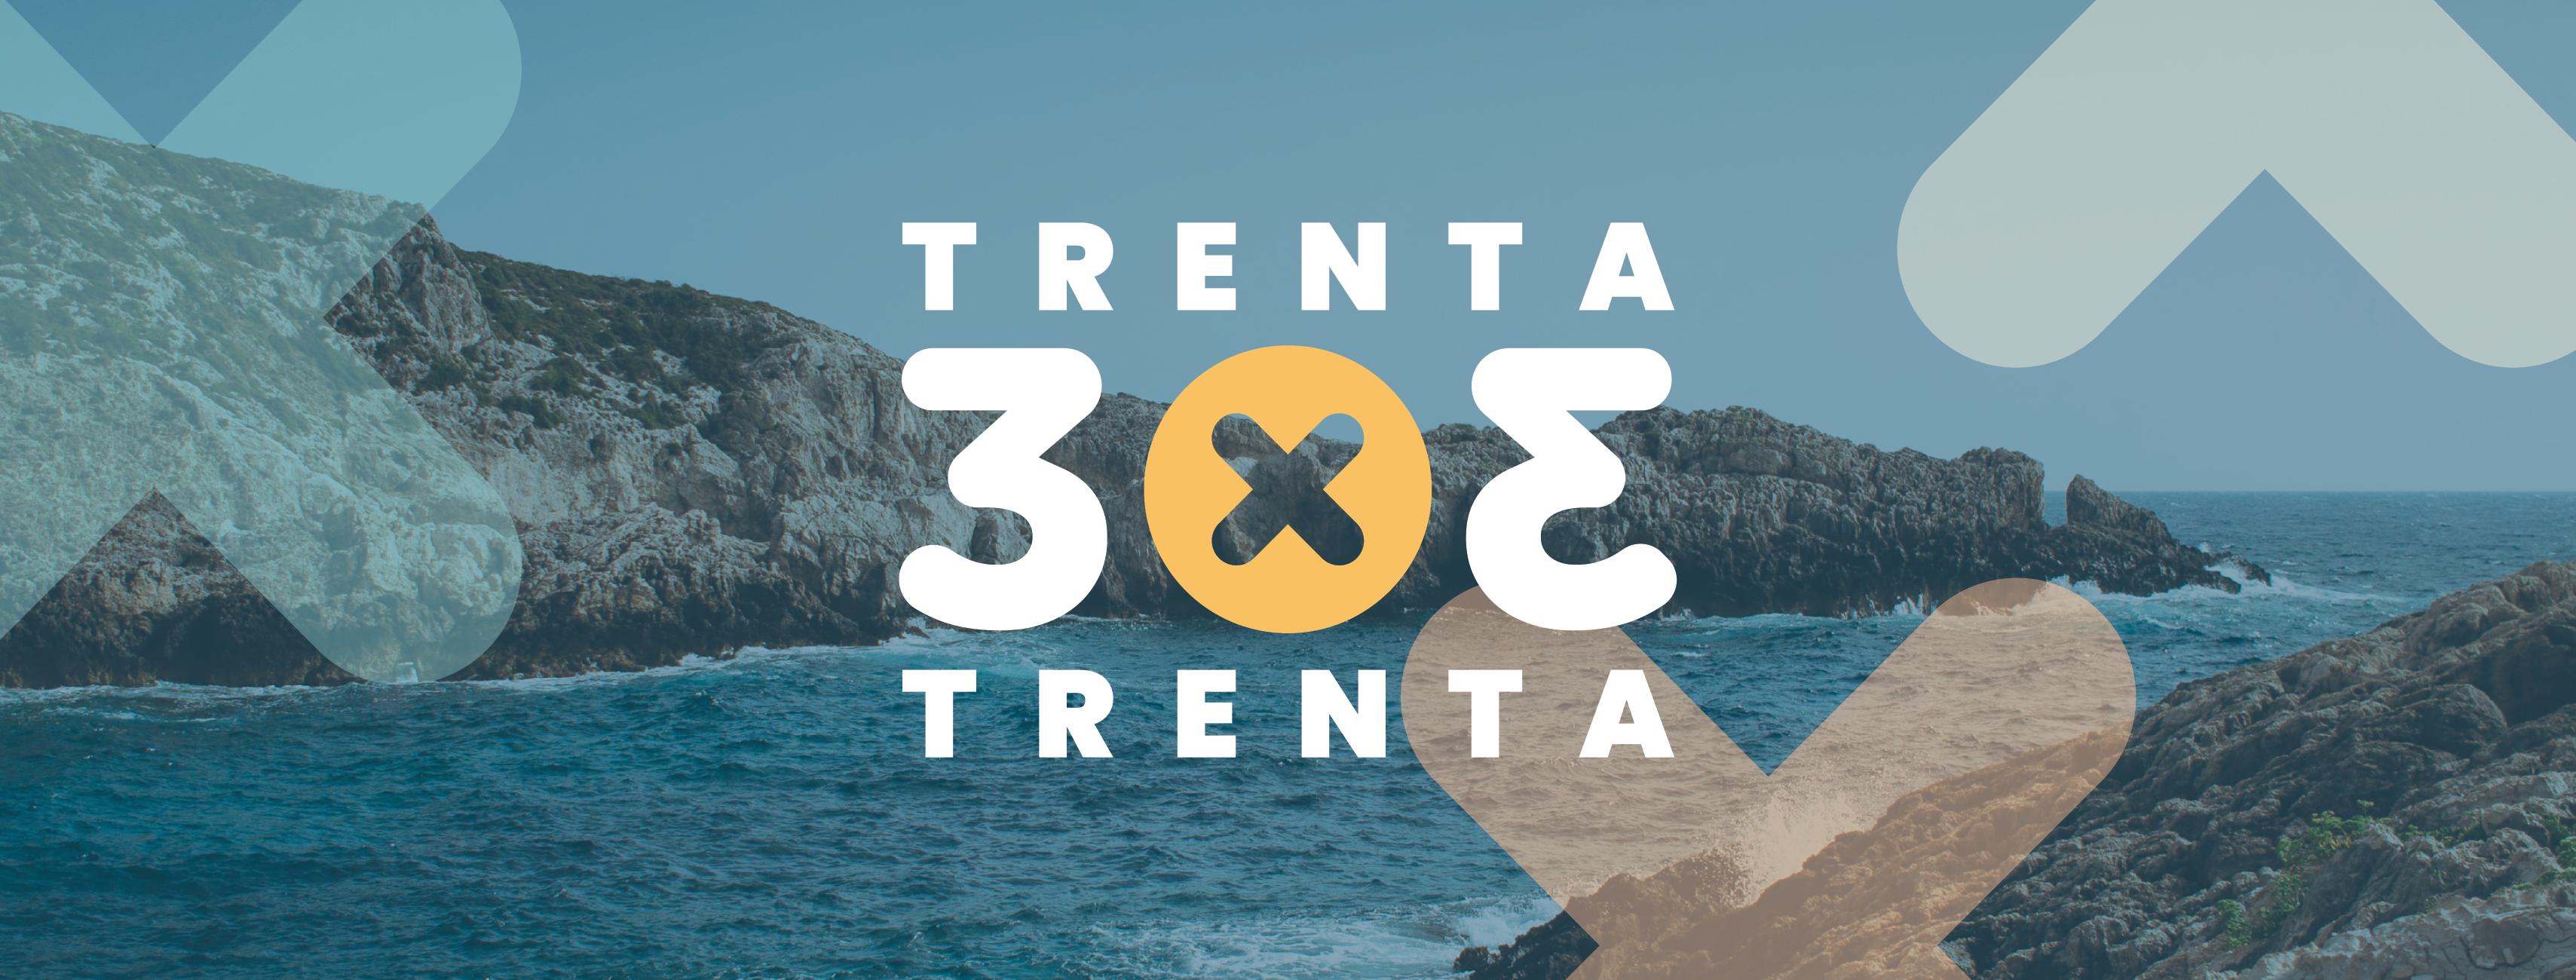 30x30Italia: la campagna di Worldrise per proteggere i nostri mari